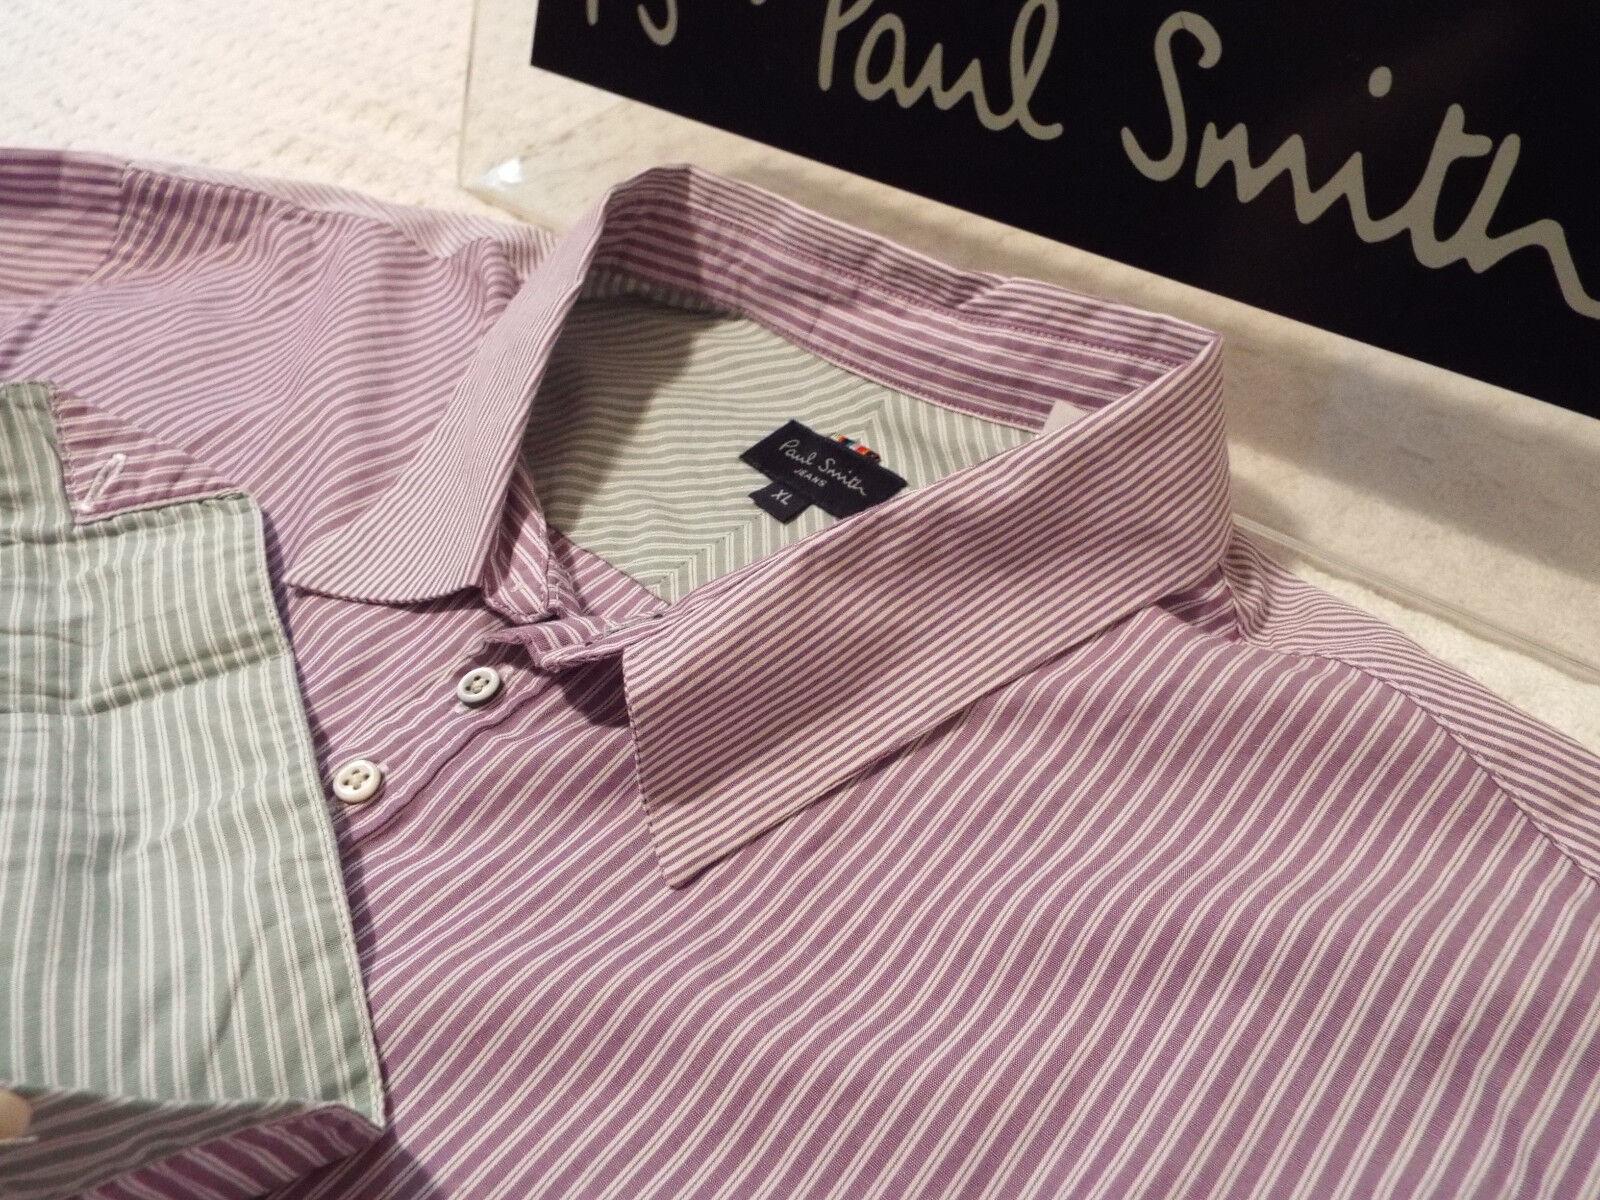 Paul Smith Da Uomo Camicia  Taglia XL (circonferenza petto 46 )  RRP +  a Righe & contrasti